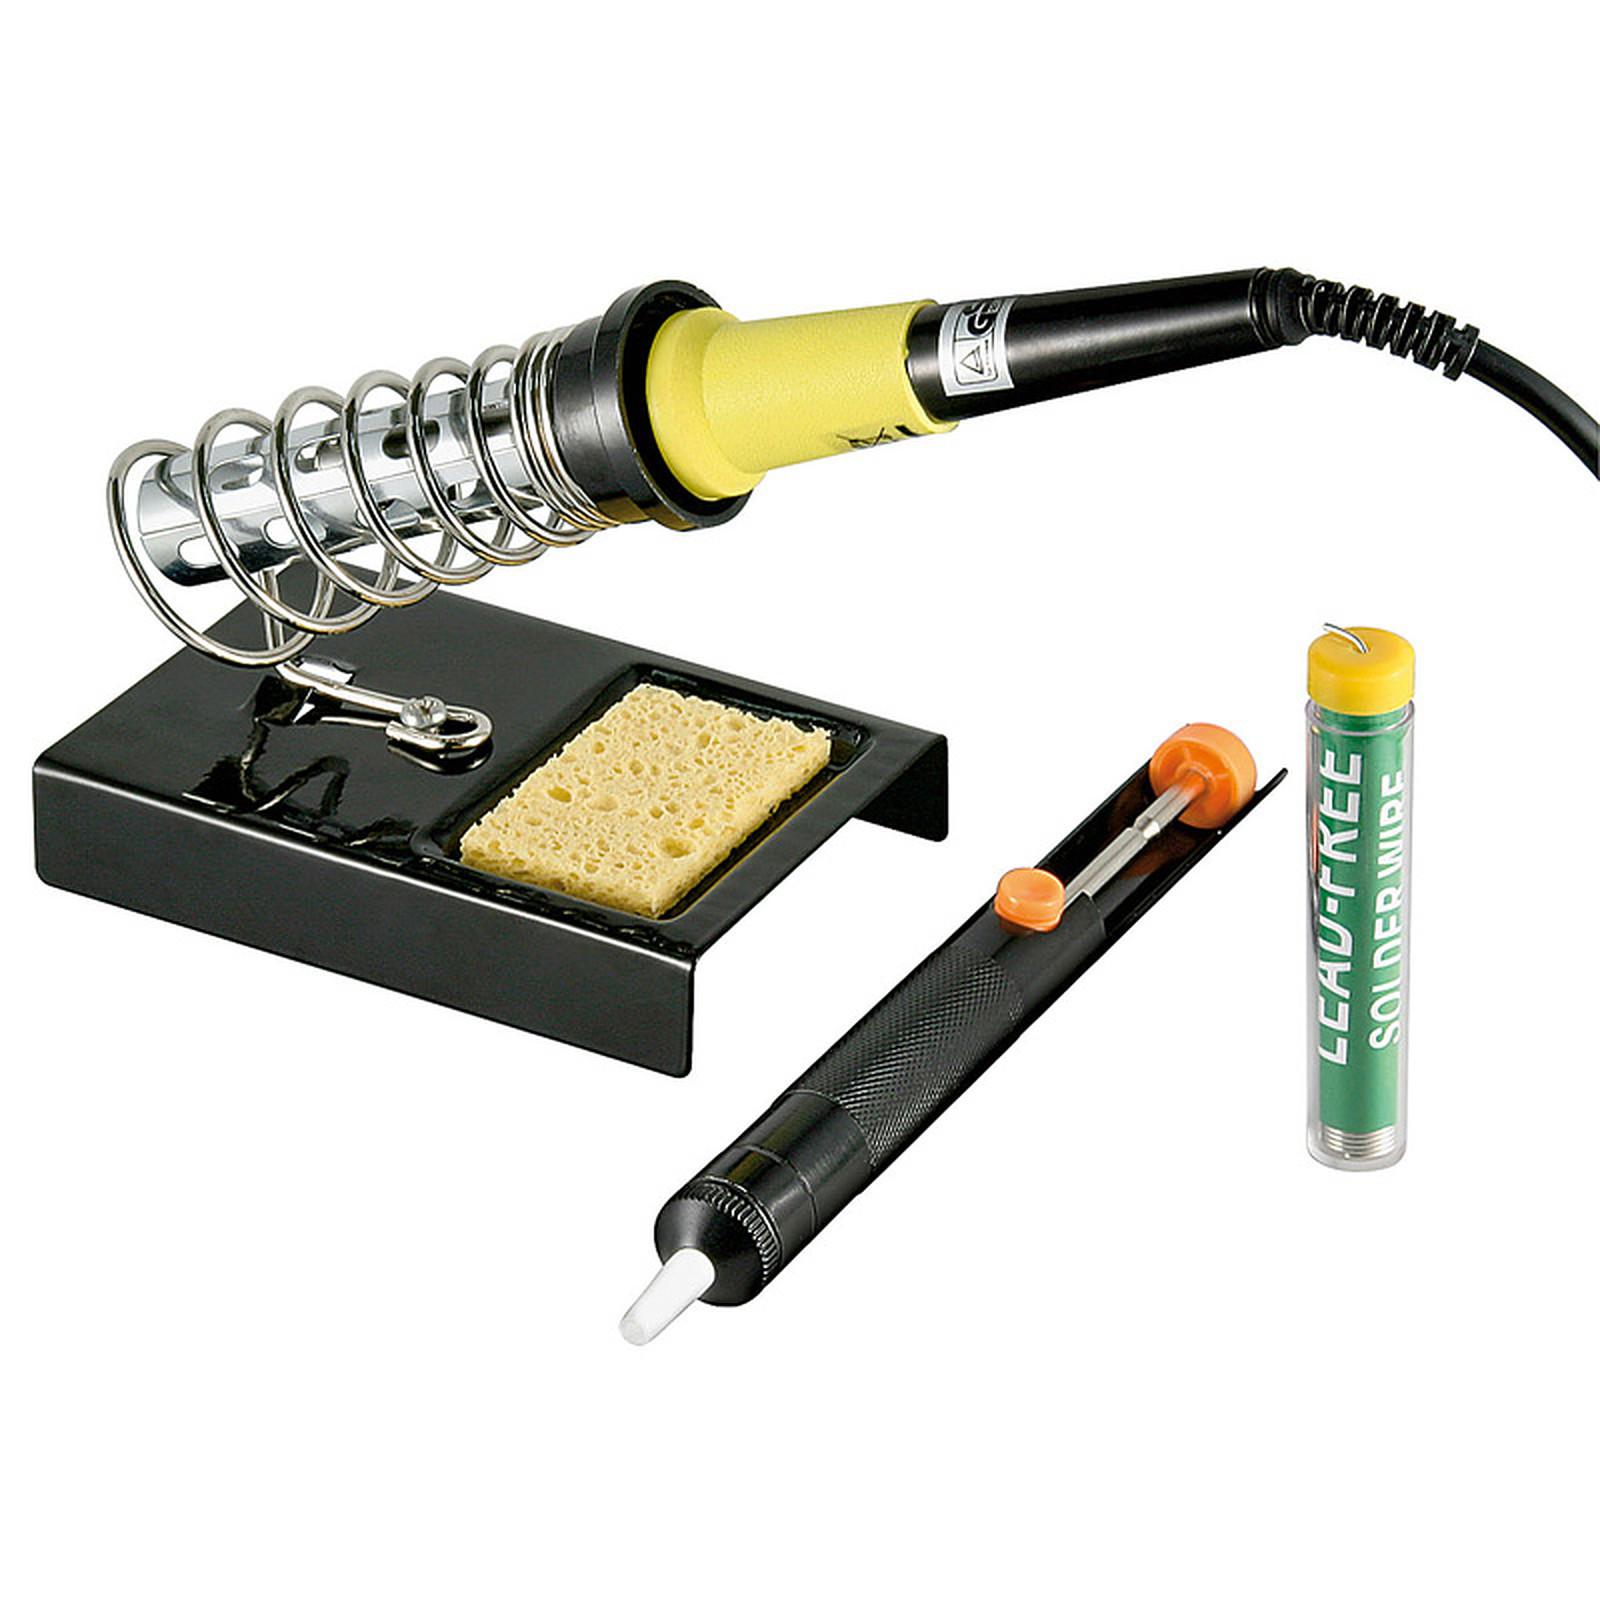 Kit de soldadura (soldador + soporte + pasta para soldar + bomba)